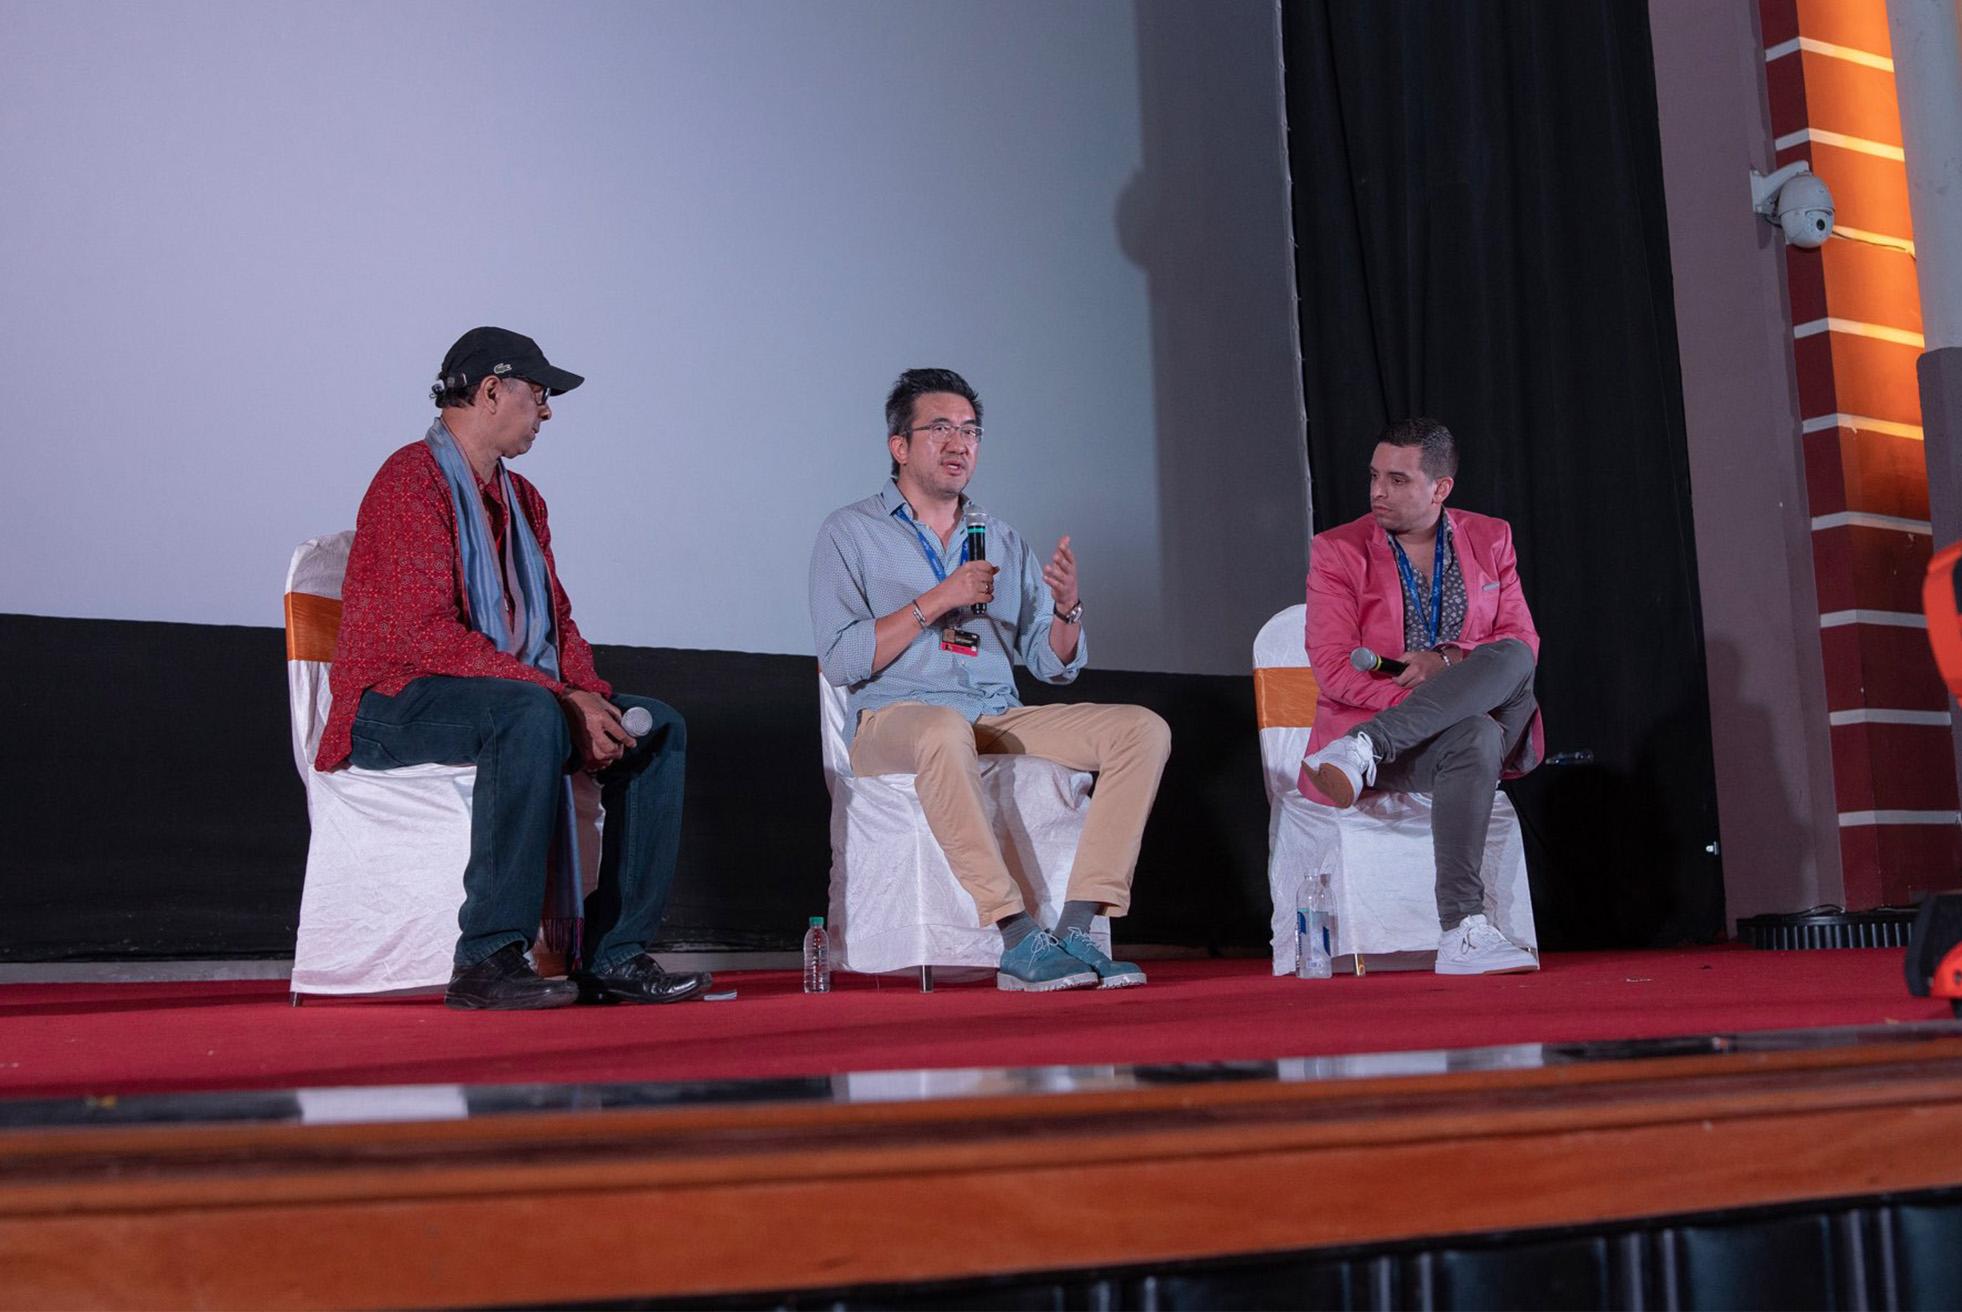 酷兒影視集團創辦人林志杰坎城國際創意節進行演說,分享台灣經驗